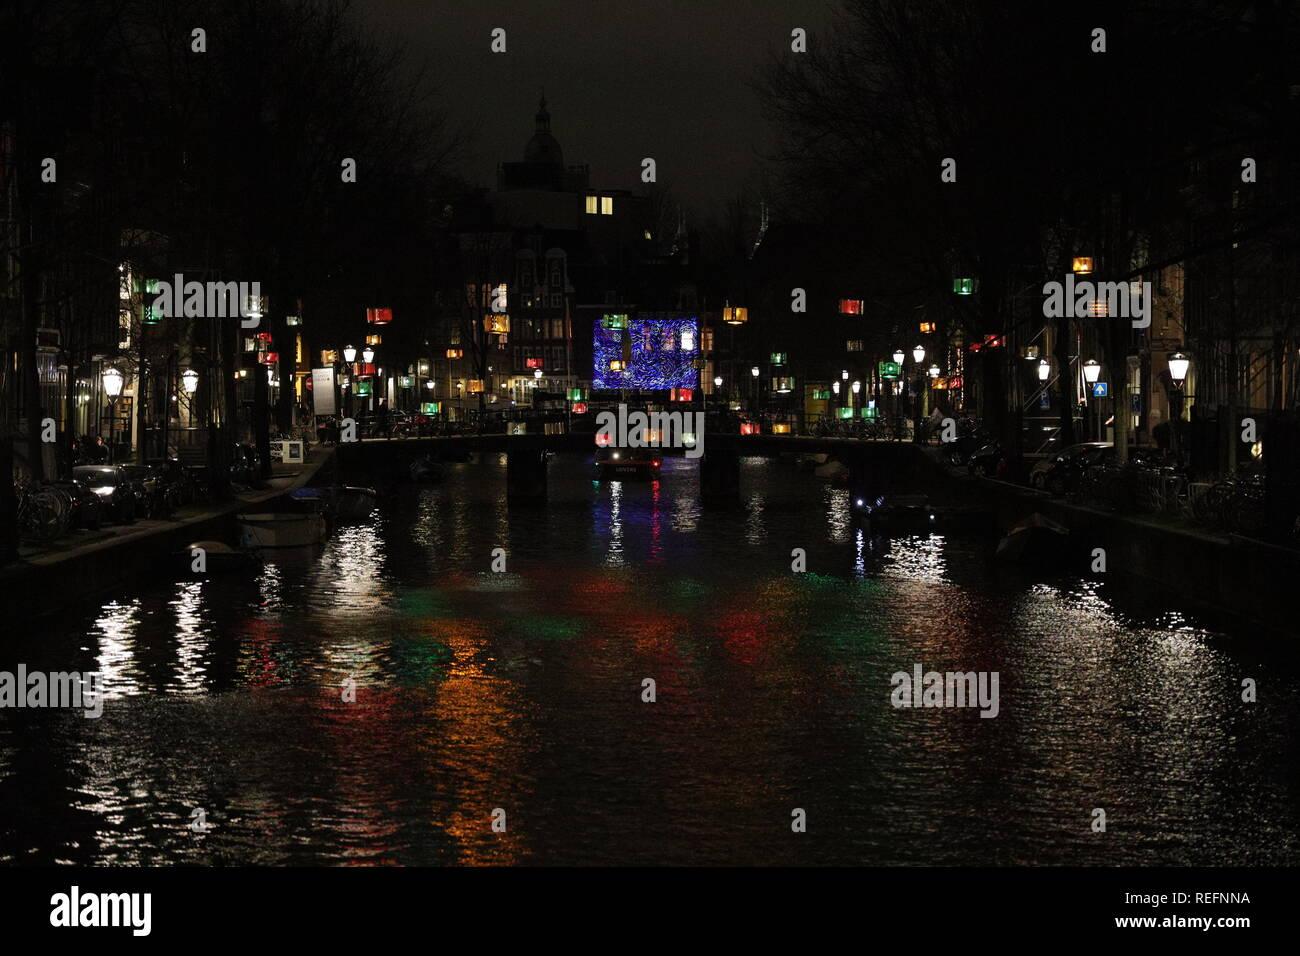 Licht Tour Amsterdam : Amsterdam niederlande januar amsterdam licht festival